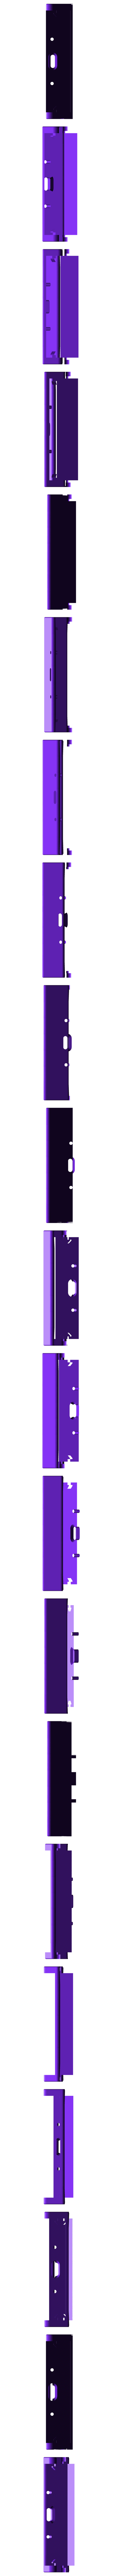 slider-bar-mount-motor.stl Télécharger fichier STL gratuit Slider de caméra motorisé MK3 • Modèle pour impression 3D, Adafruit